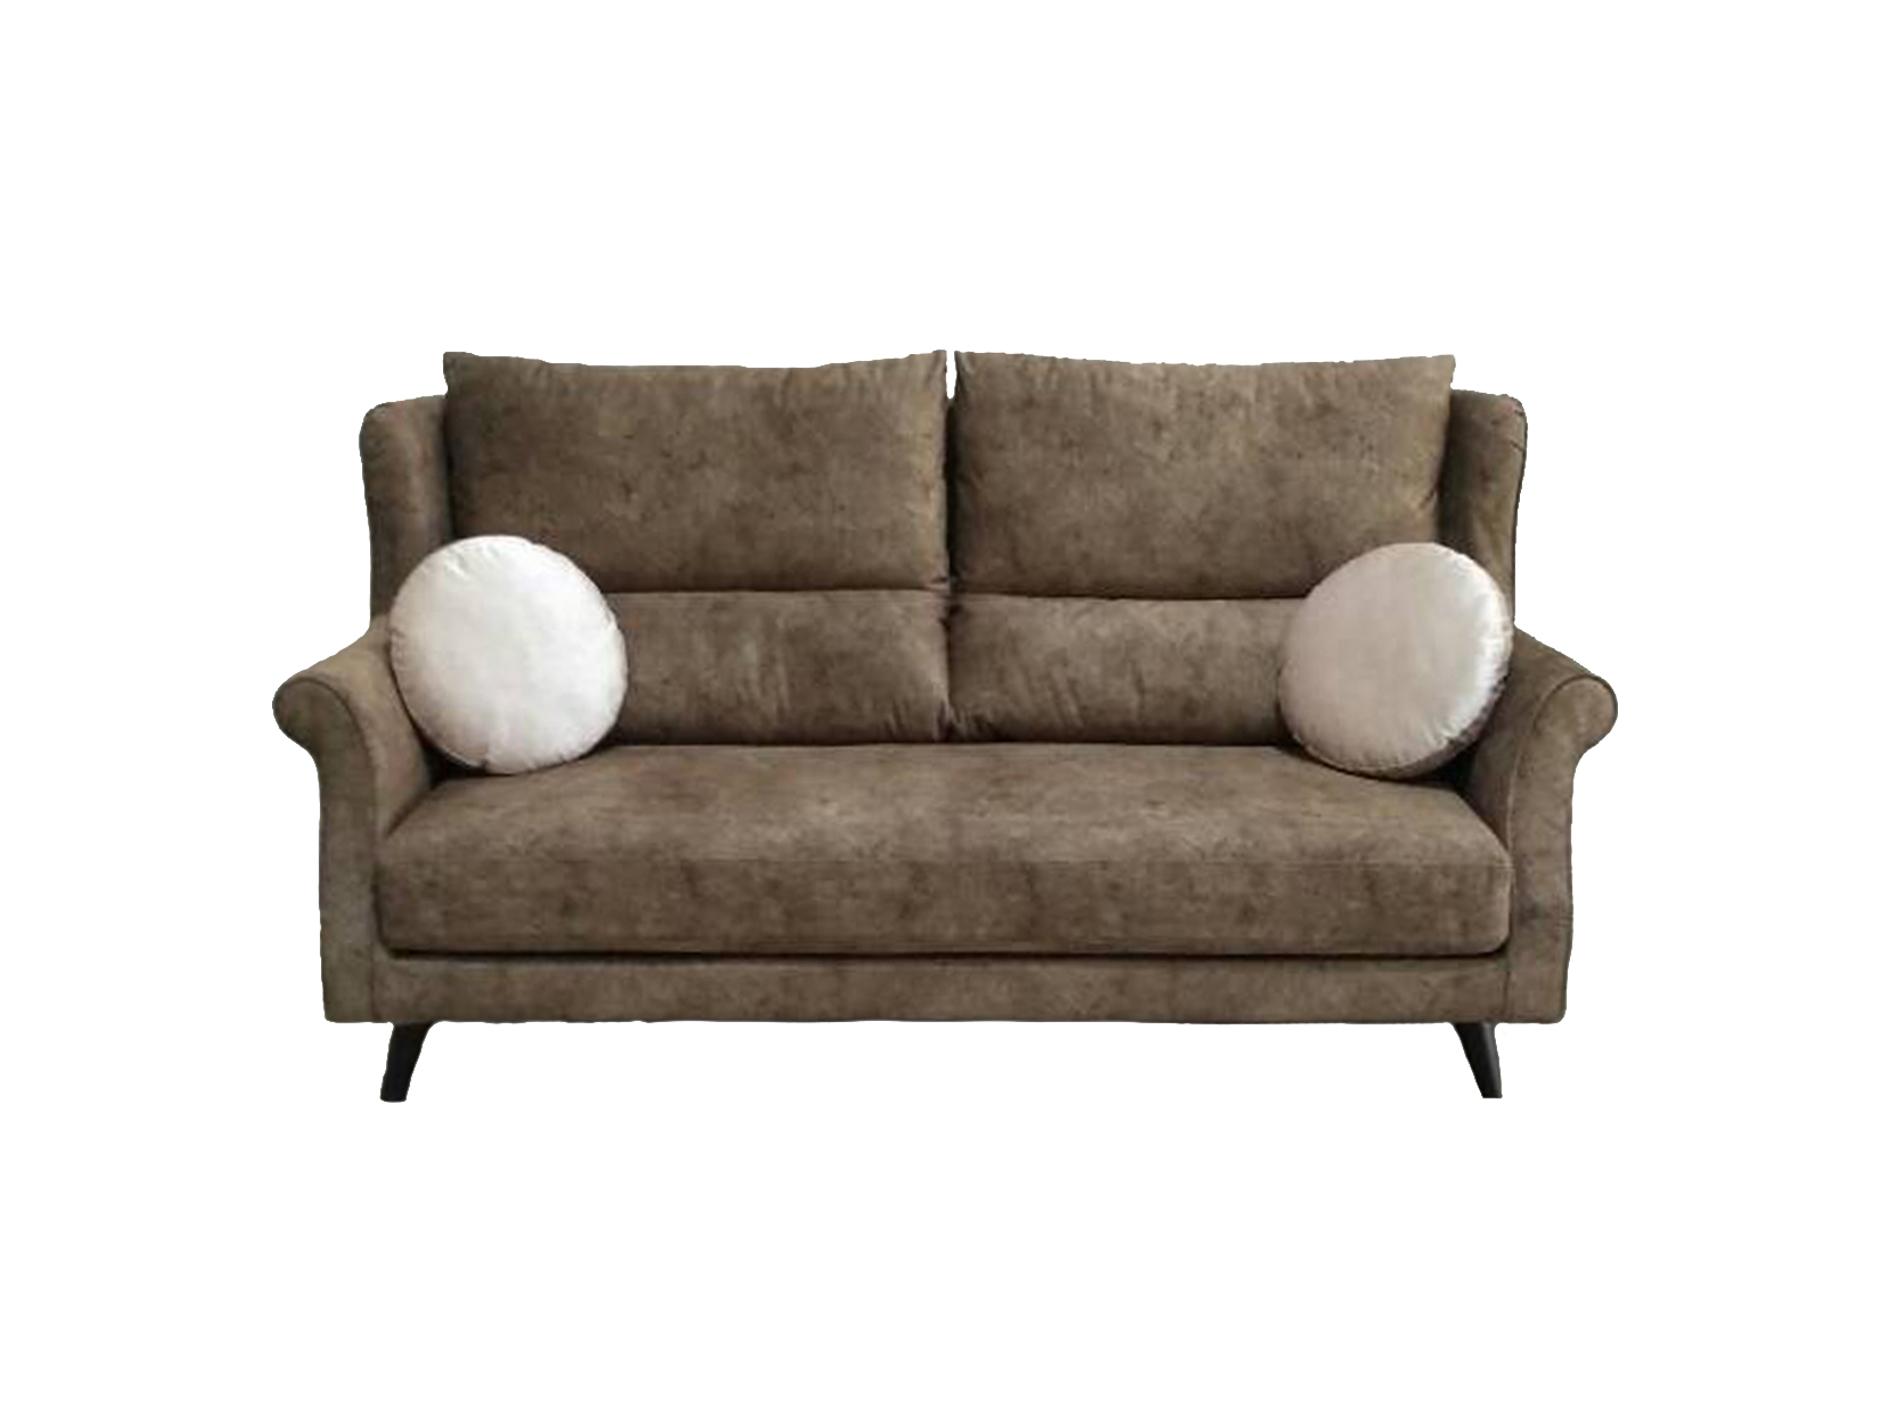 Valerio Designer Italian Fabric Sofa – 3632 3 Seater fabric sofa